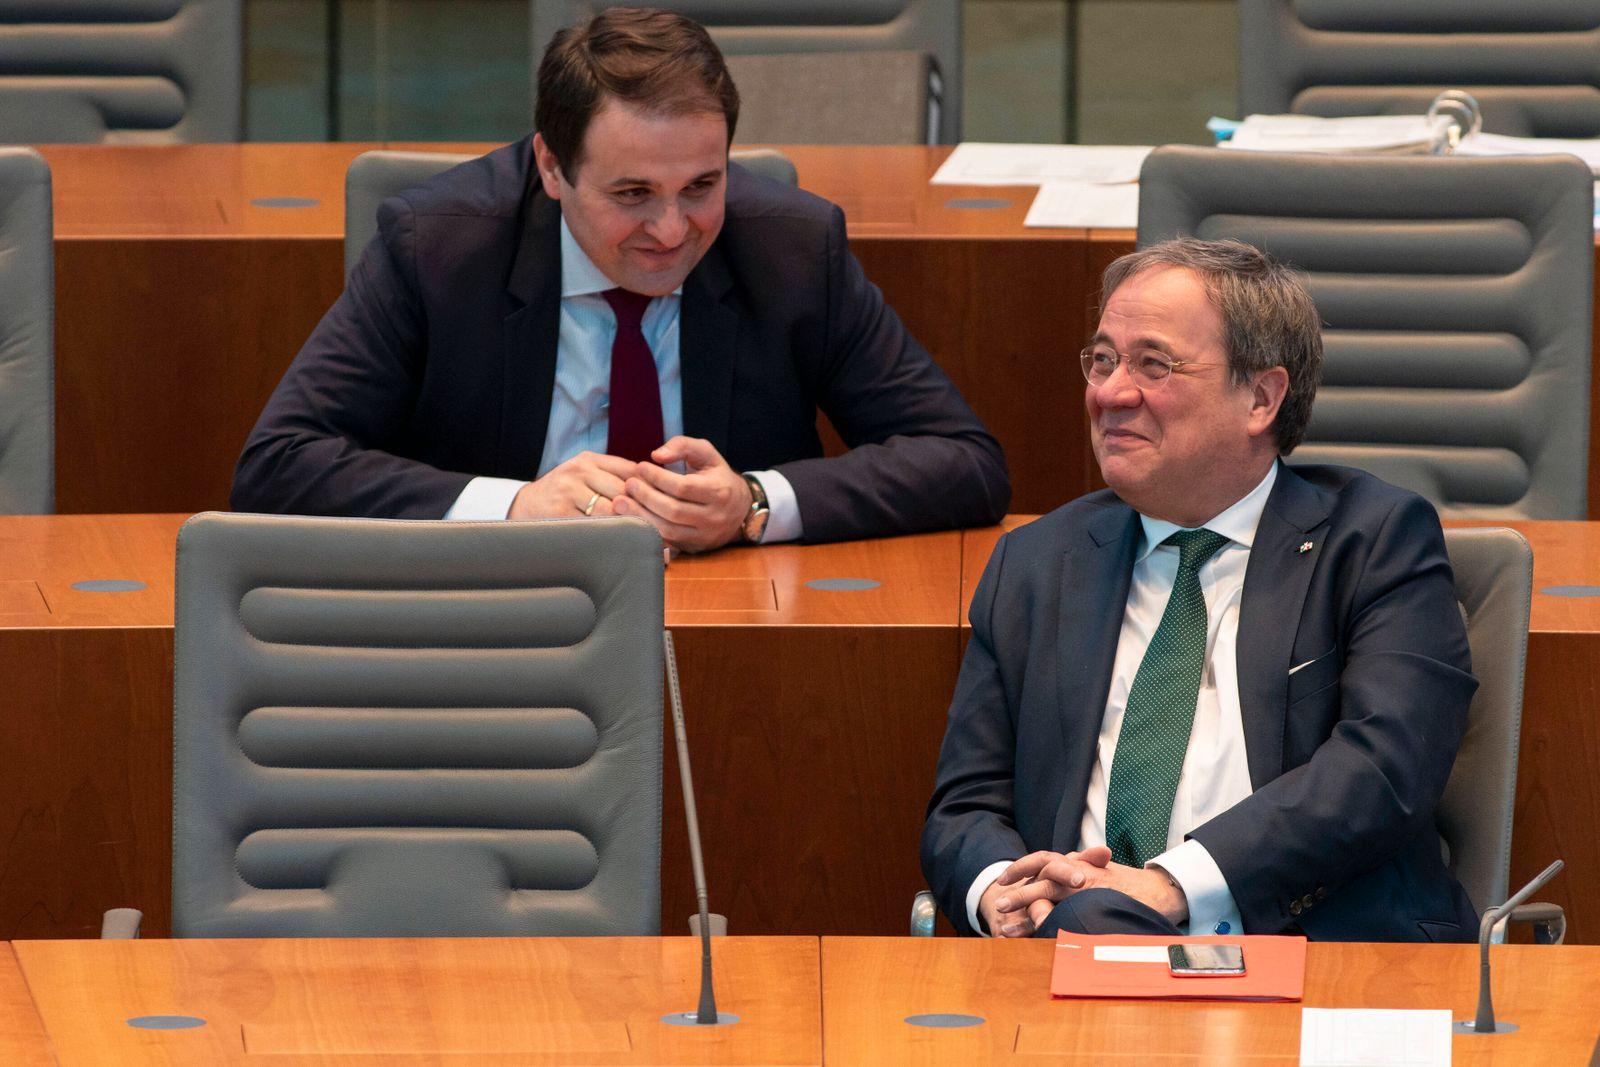 Nathanael Liminski, Armin Laschet Düsseldorf, 01.04.2020: Plenardebatte im Landtag Nordrhein-Westfalen zum geplanten Ep